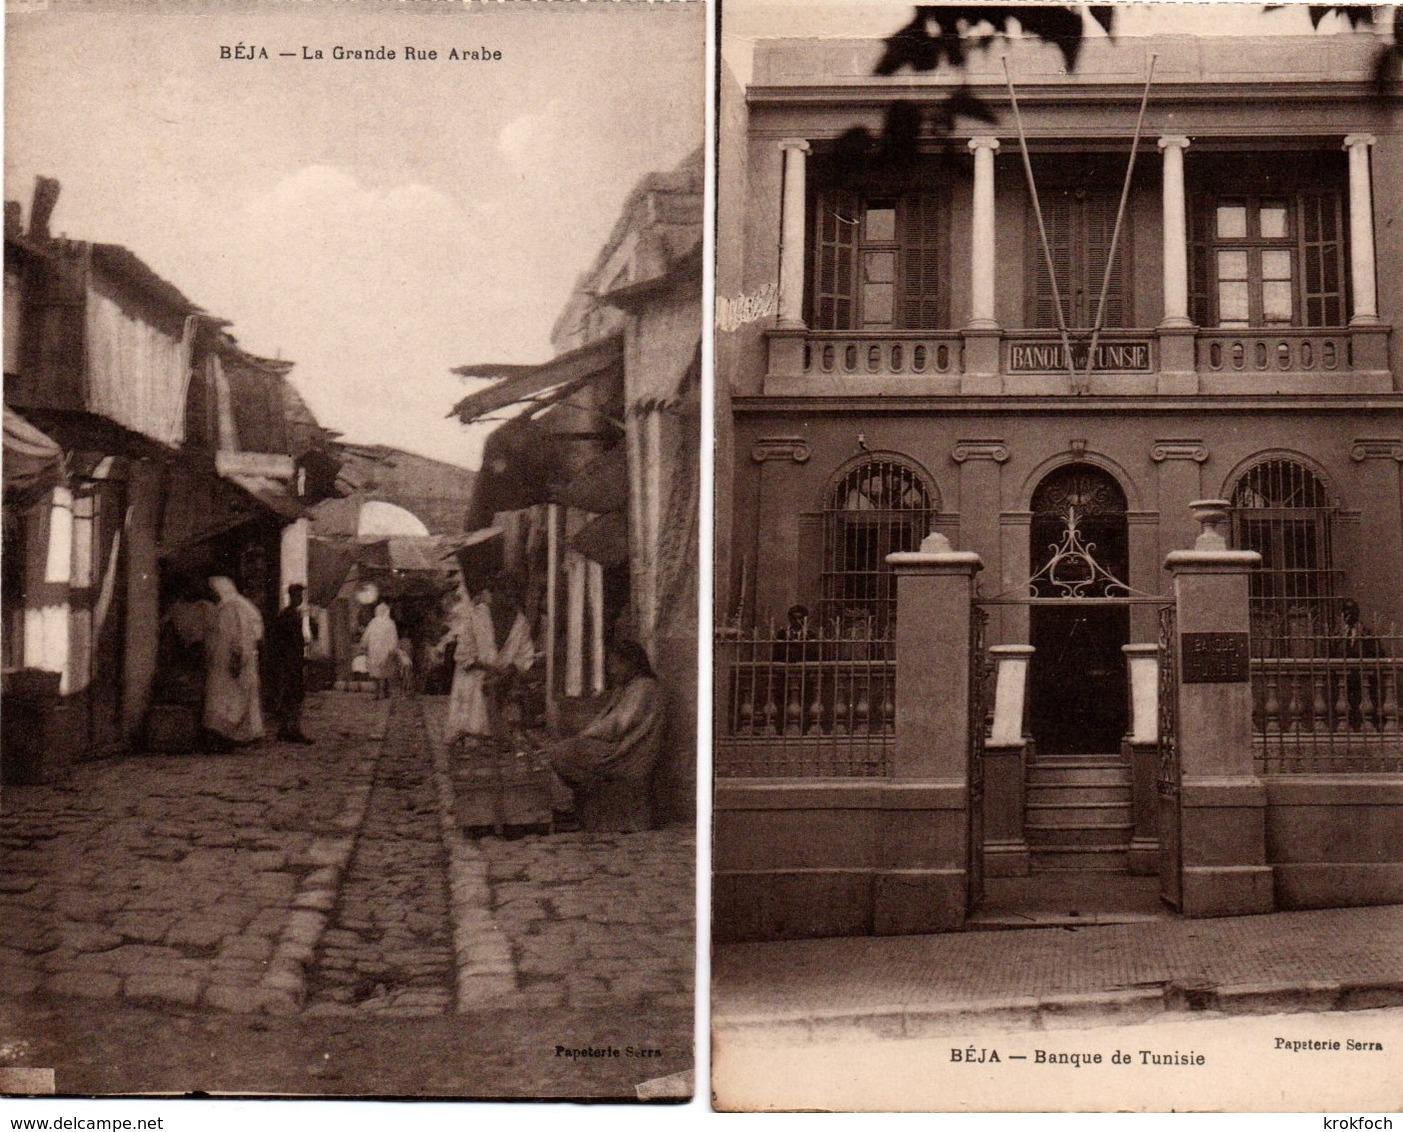 Beja - Tunisie - Banque De Tunisie & La Grande Rue Arabe - édit.Papeterie Serra - Tunisia